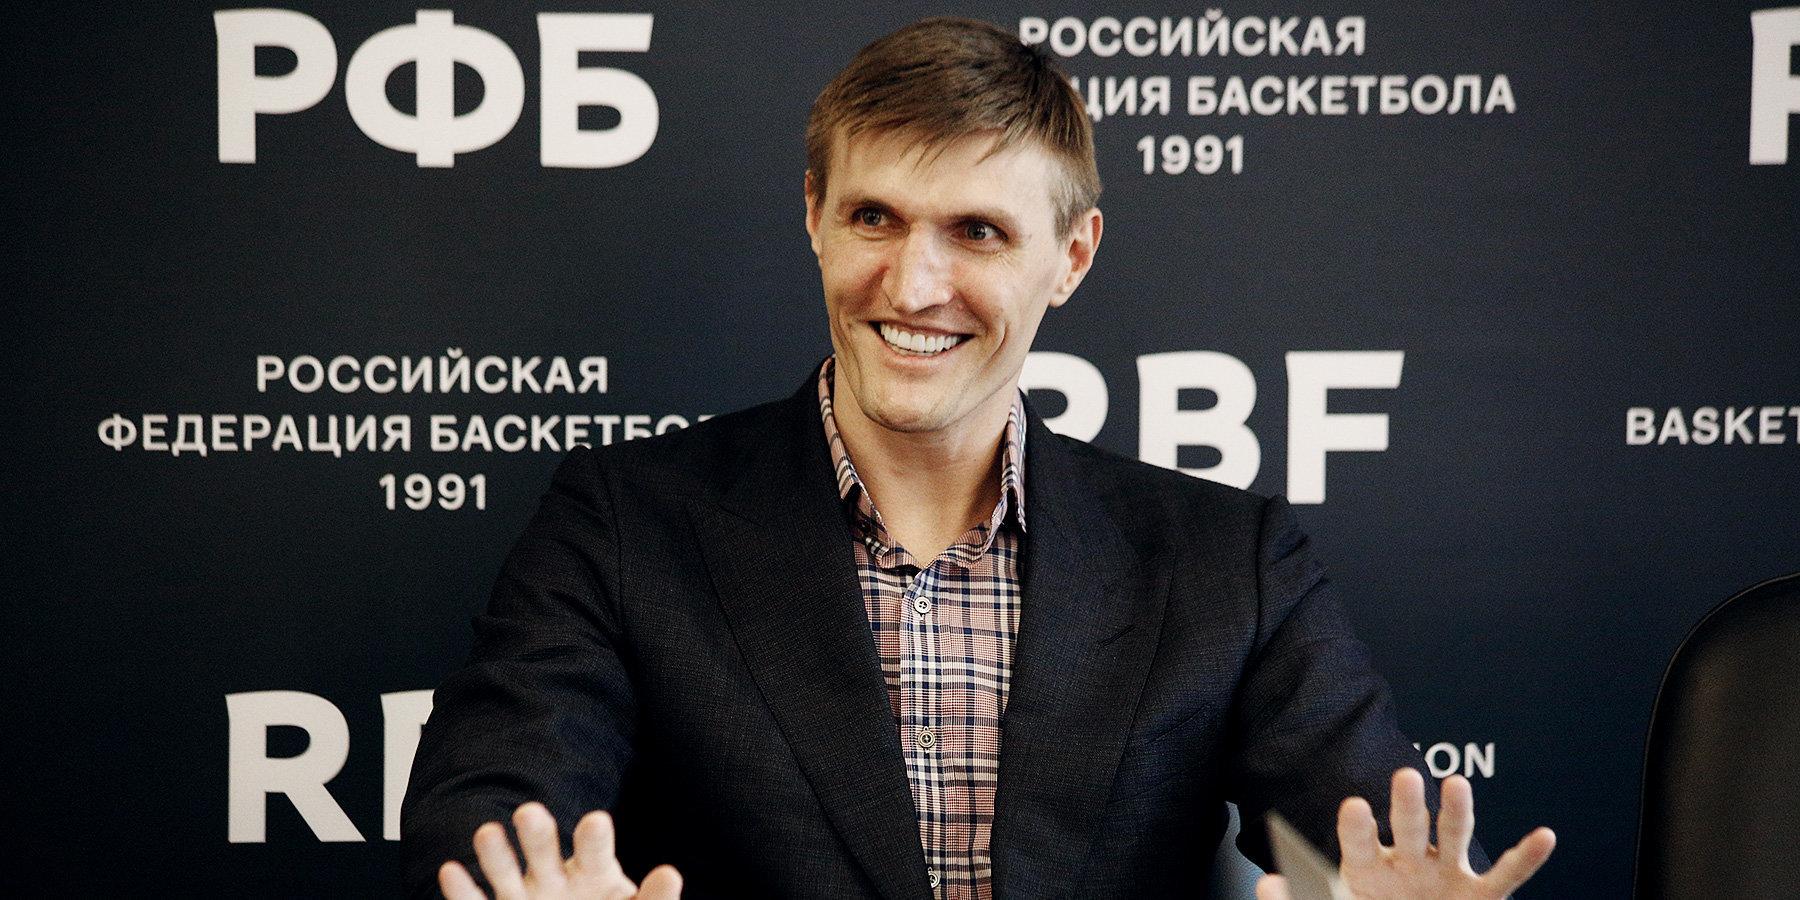 Андрей Кириленко: «Если ввести лимит на легионеров, то разница между ЦСКА и другими командами будет не 20-30 очков, а 150»